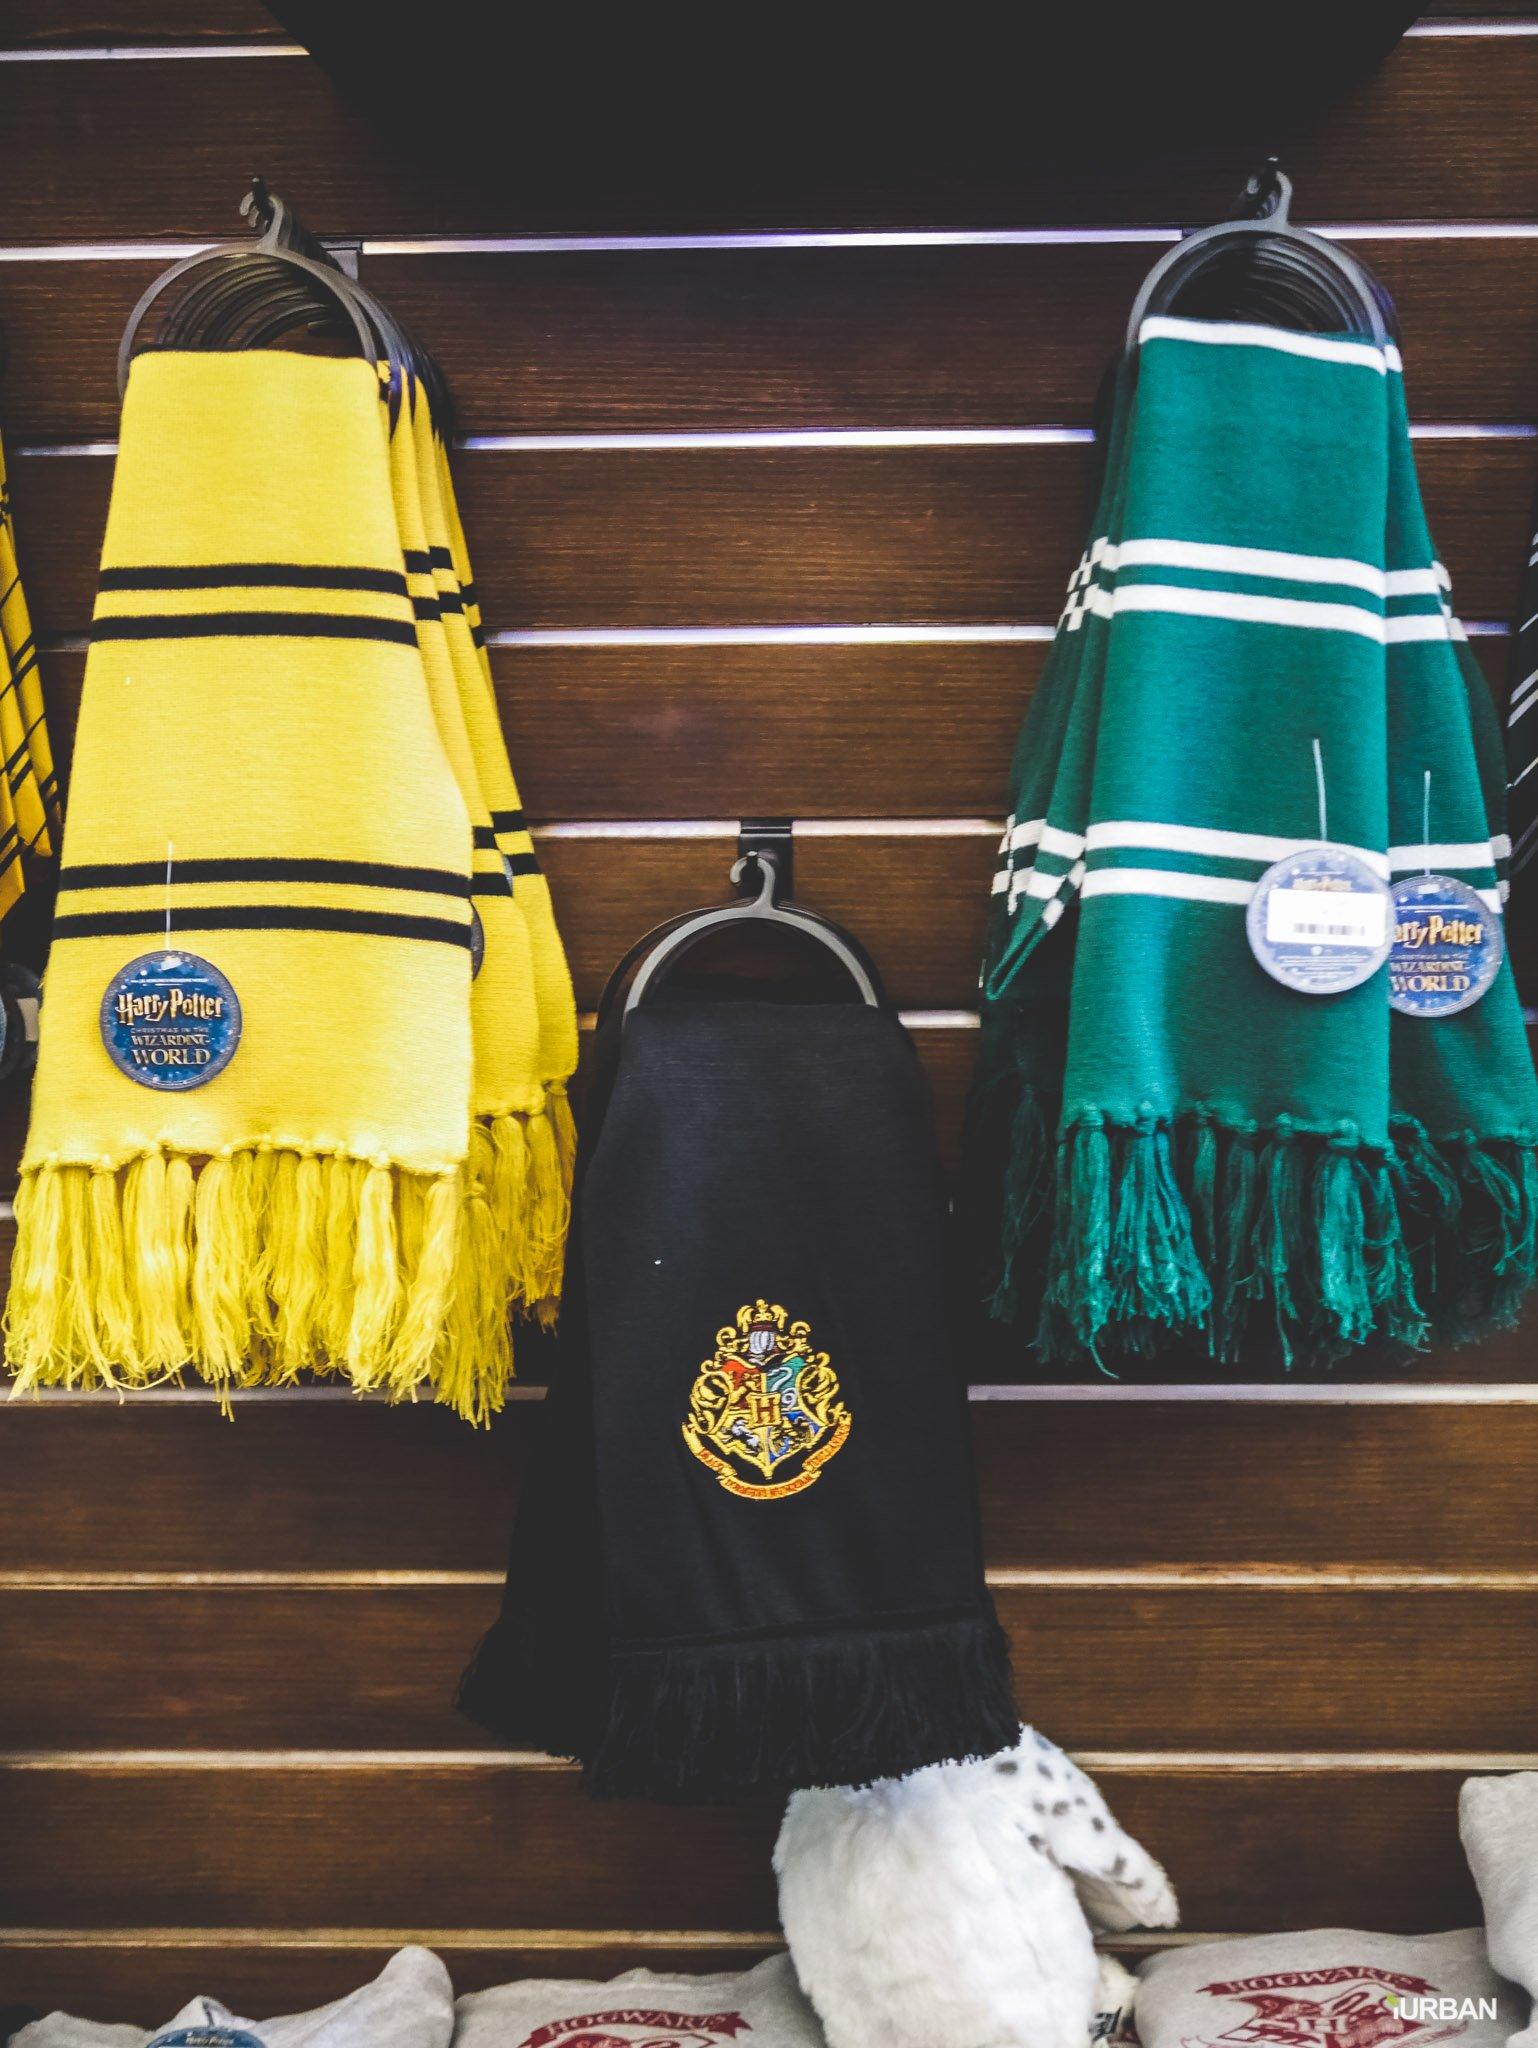 11 ไม้กายสิทธิ์ แฮร์รี่ พอตเตอร์ ราคา ที่งาน สยามพารากอน #HarryPotterThailand  Harry Potter Paragon 65 - Fantastic Beasts